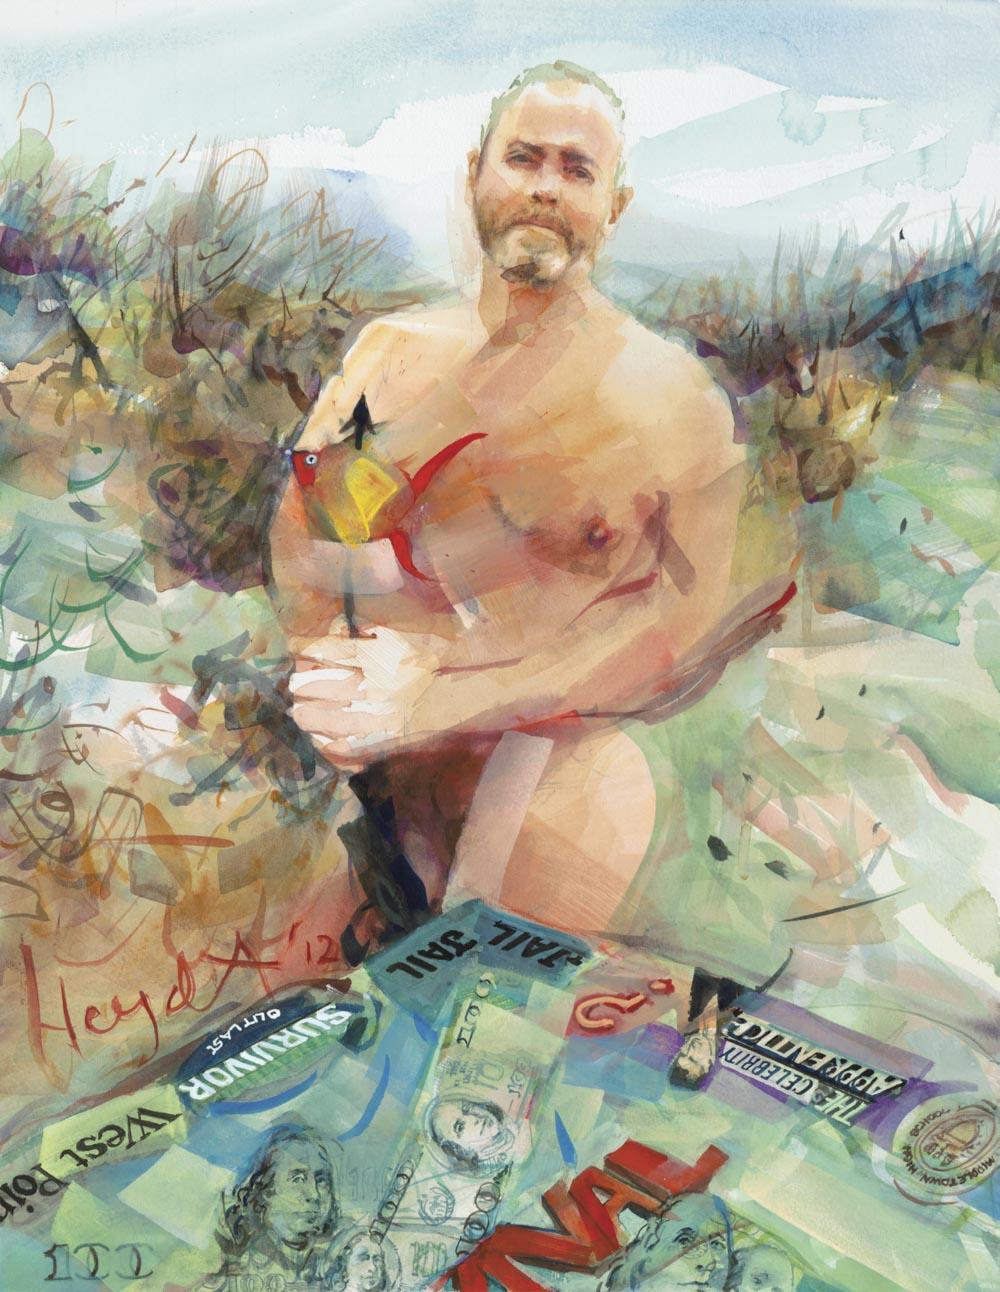 Richard Hatch, Survivor, Second Beach